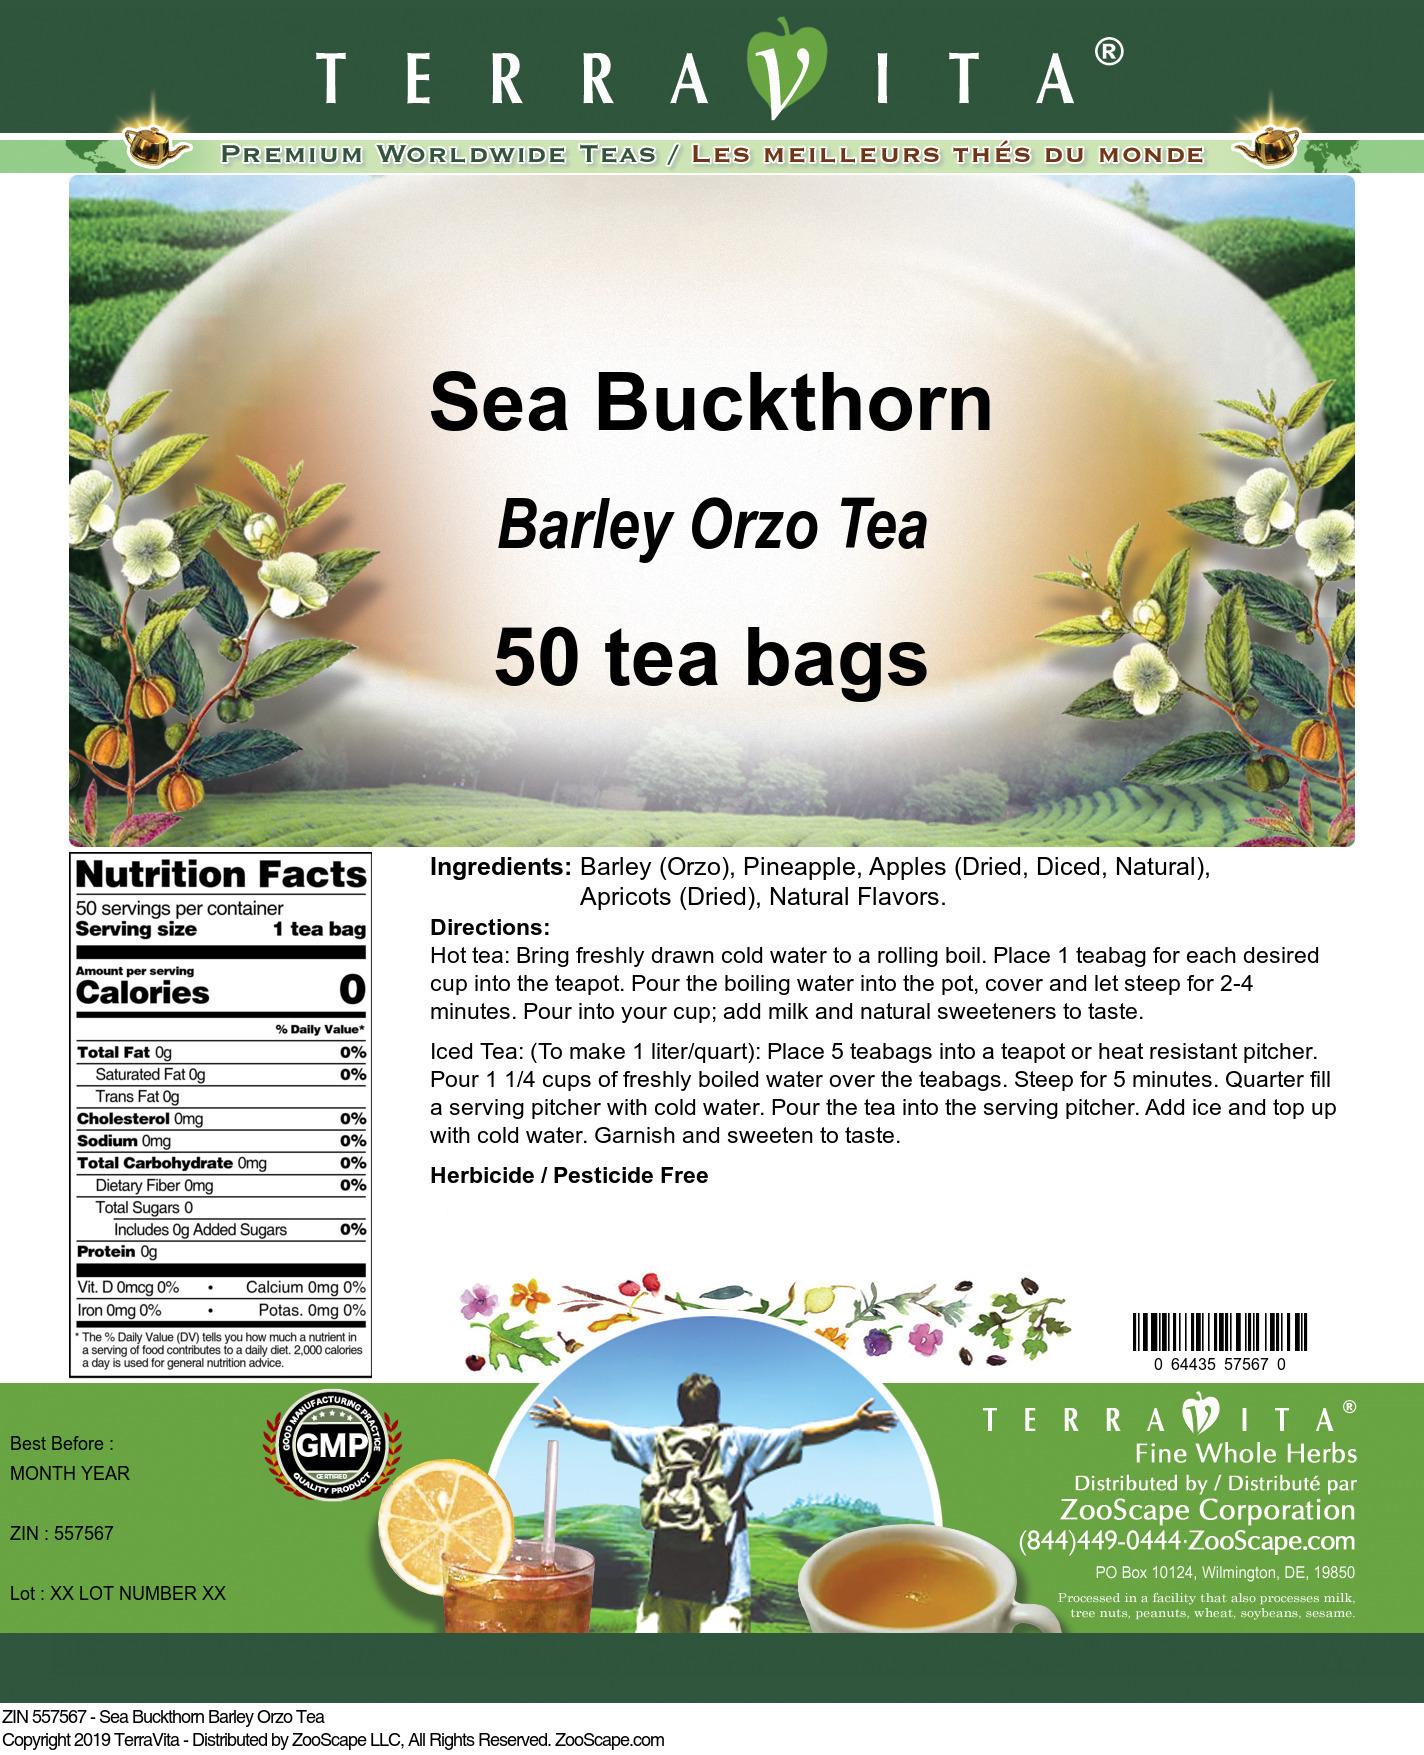 Sea Buckthorn Barley Orzo Tea